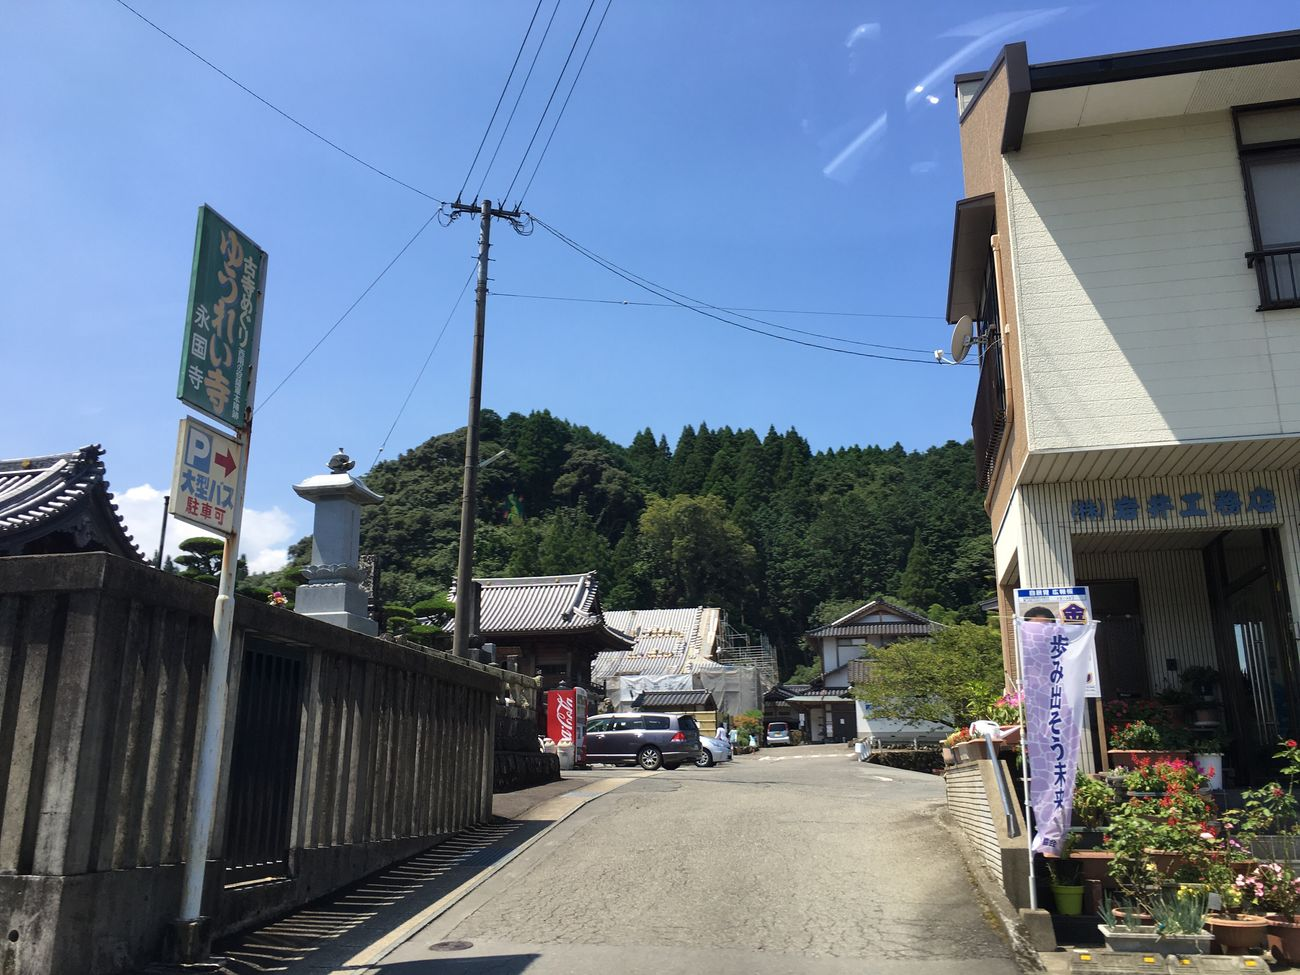 山の中に幽霊が|///|・ω|///| Driving Ghost Sunny Day Nature Photography Kumamoto